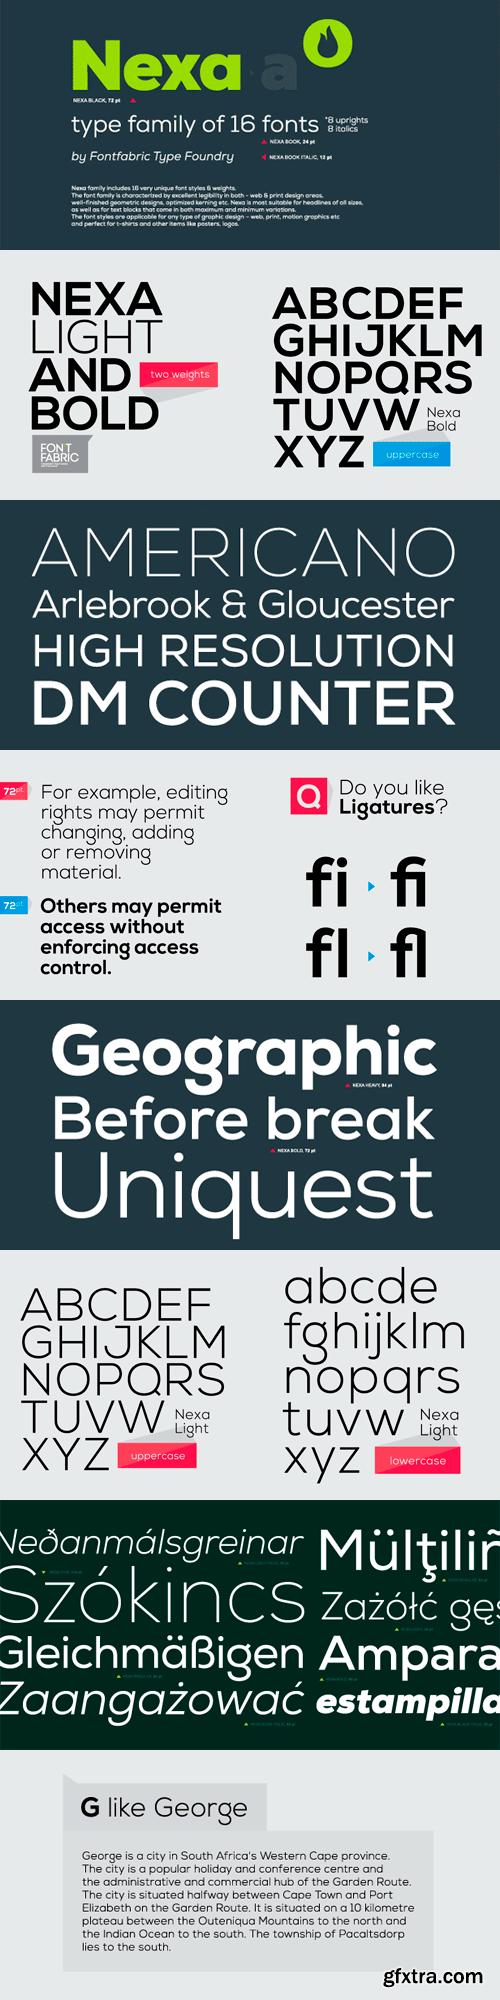 Nexa Font Family - 16 Fonts for $90